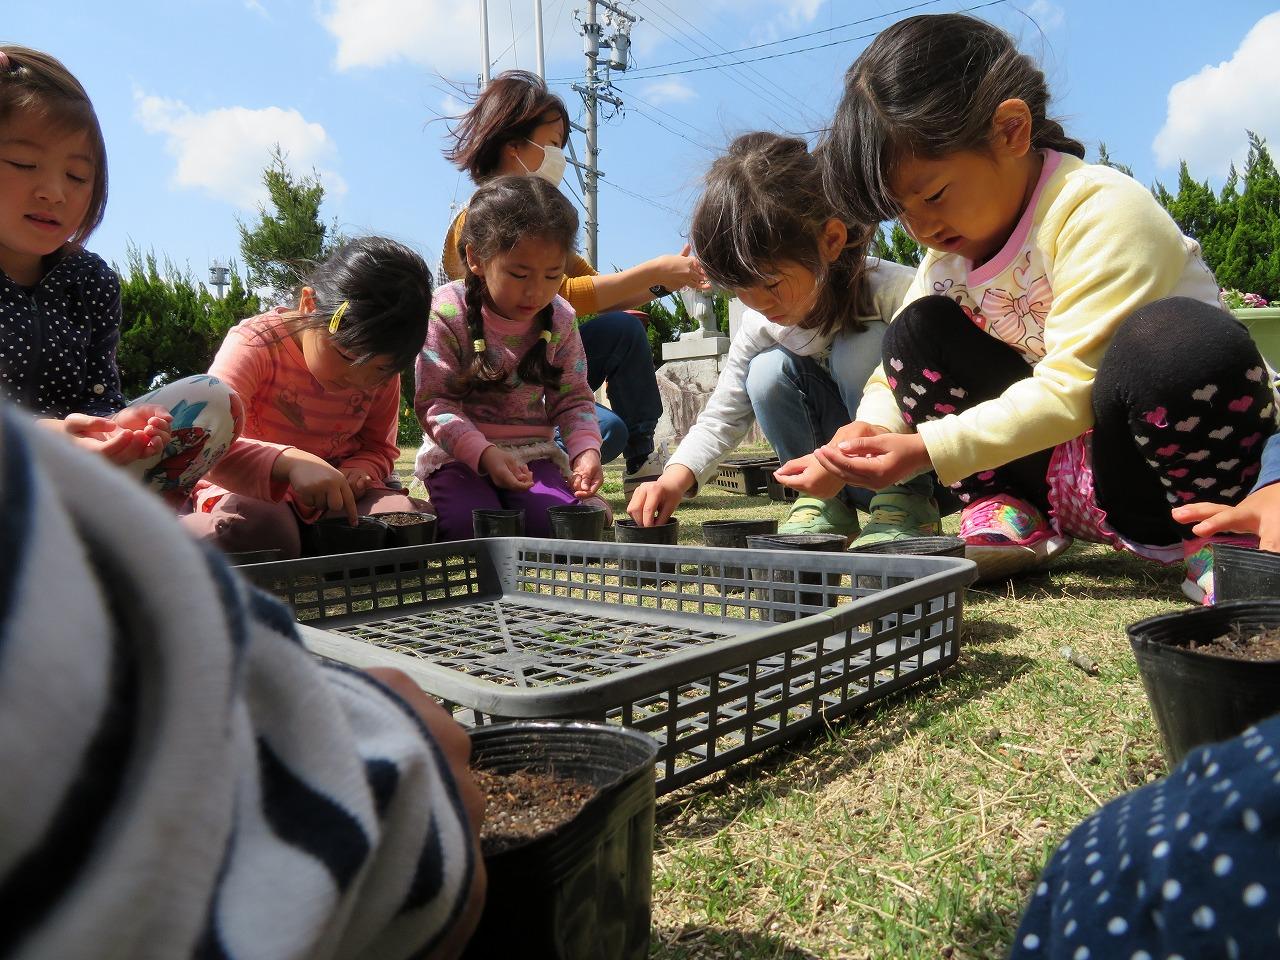 ポップコーンとシソの種まき。 苗が育ってきたら、畑に植え替えをします。 ポップコーンを作るの楽しみ♪シソジュースを作るの楽しみ♪